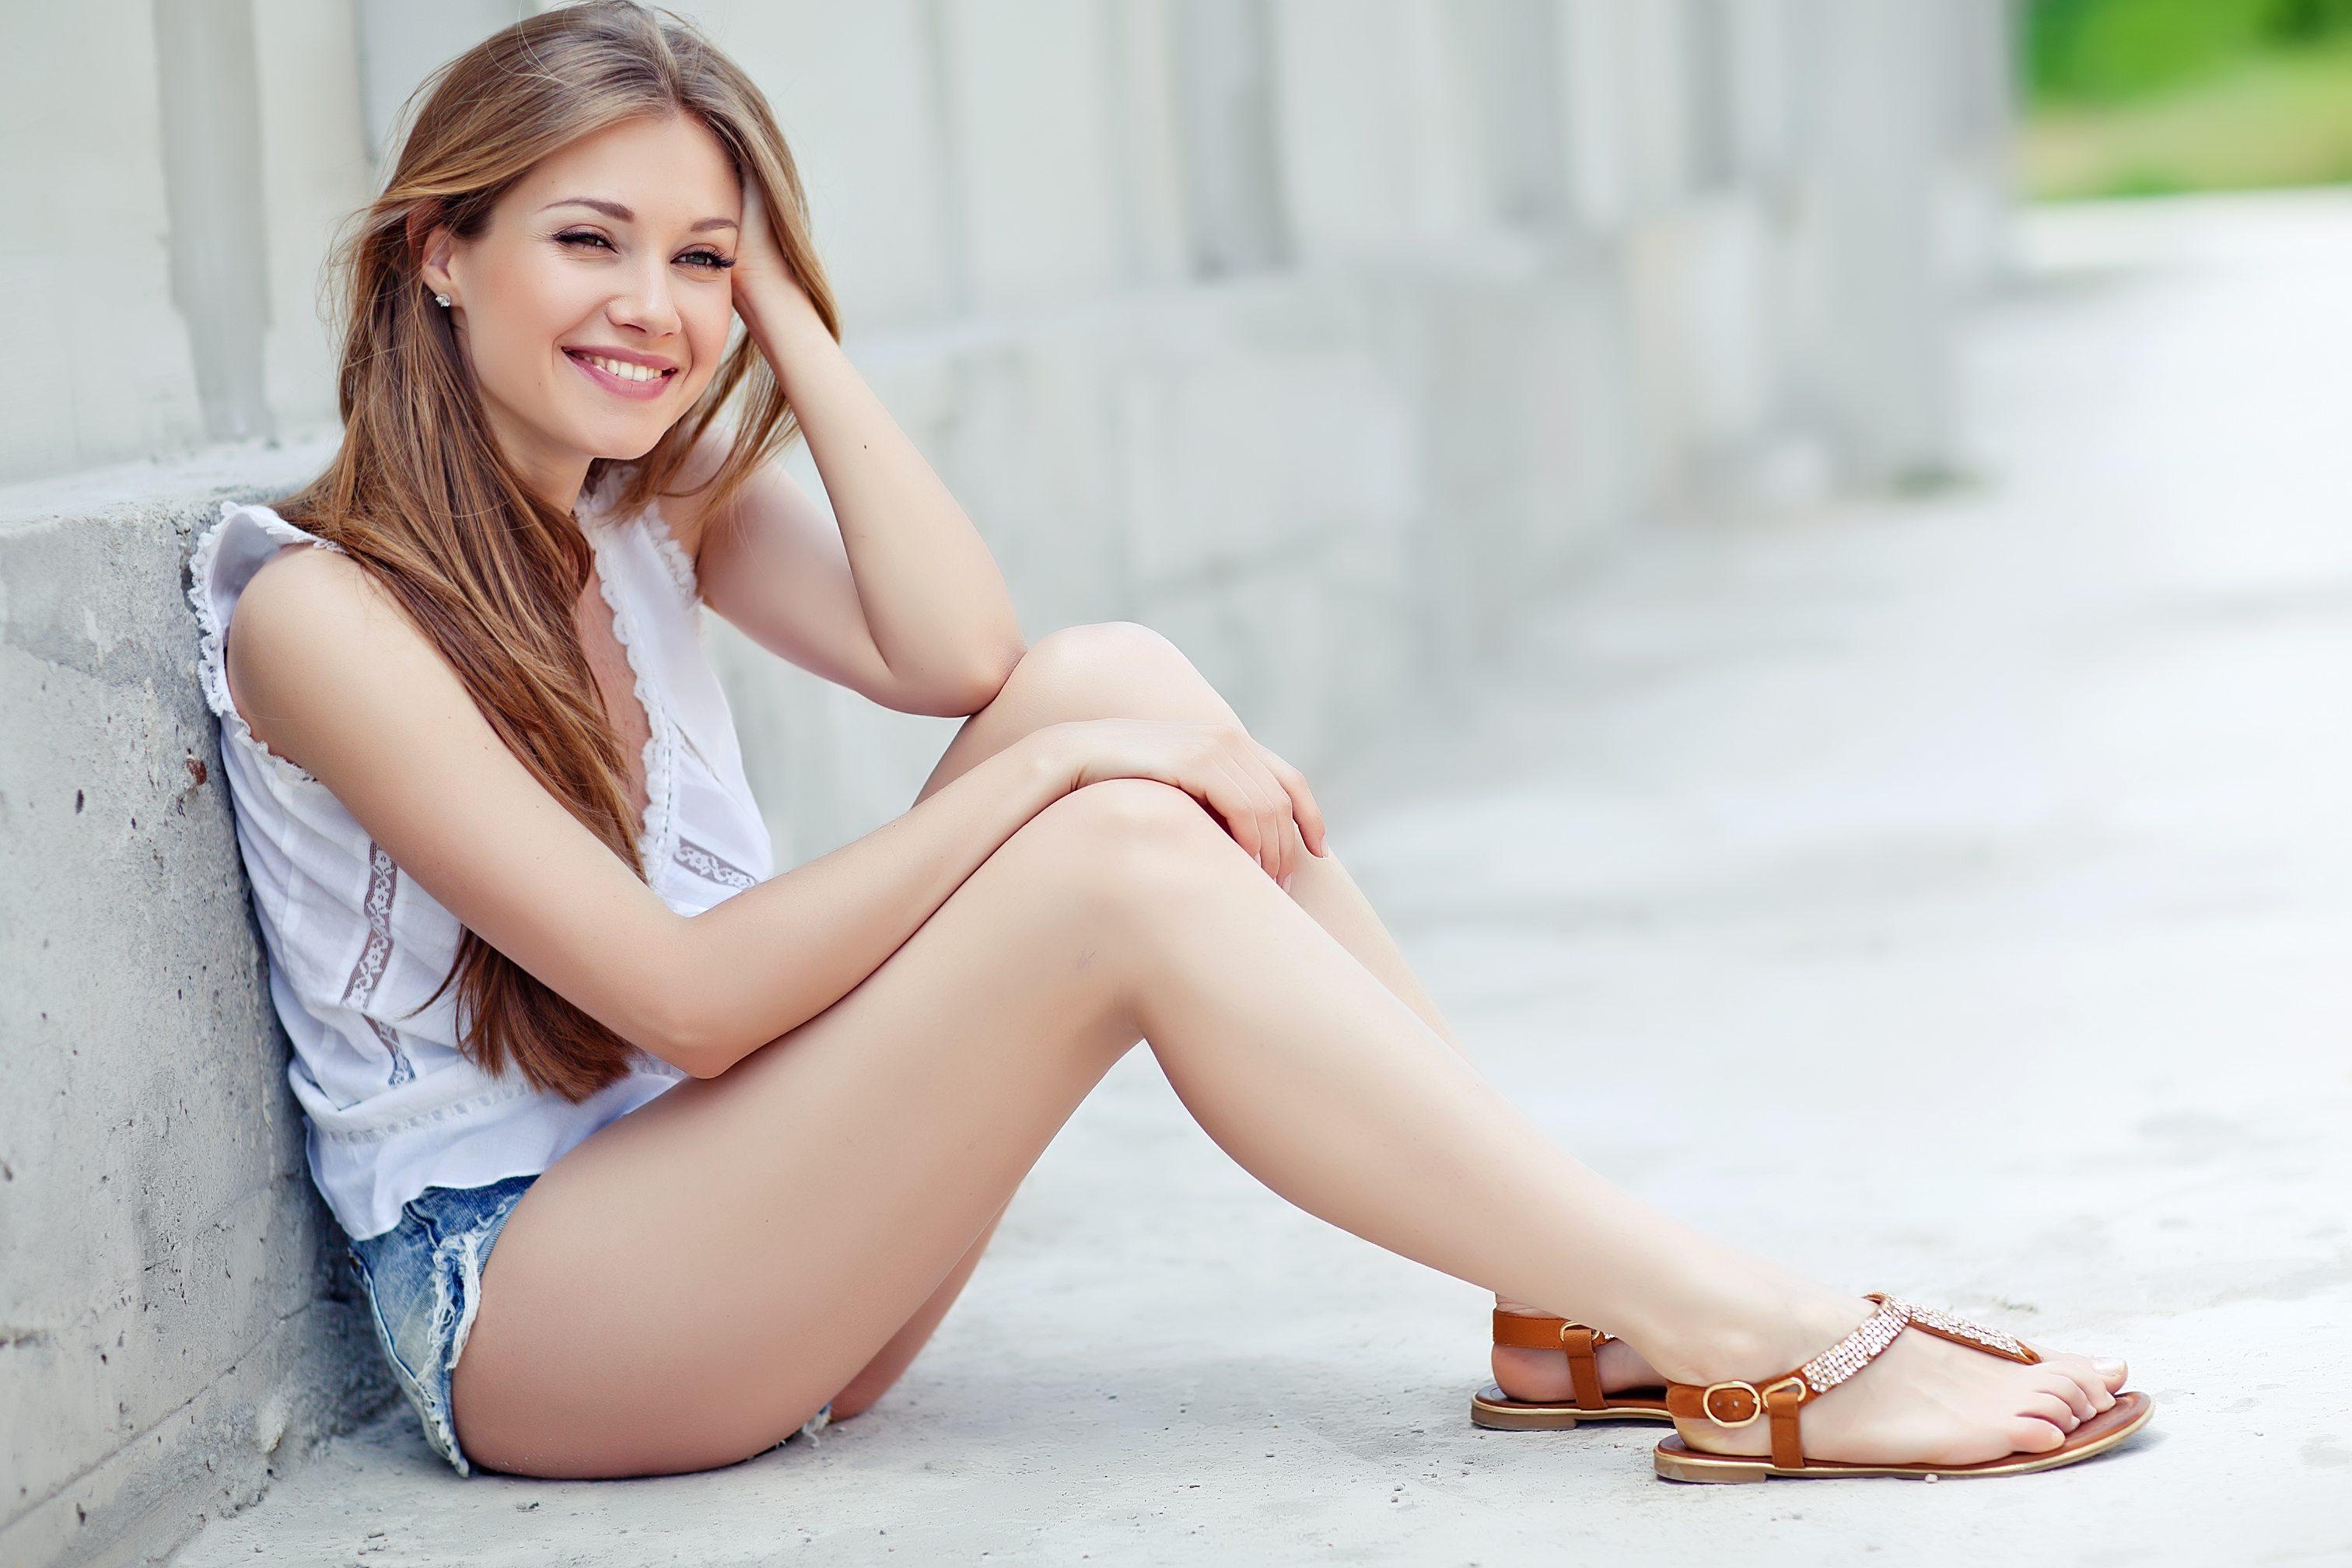 960x540 Girl Sitting On Floor Smiling